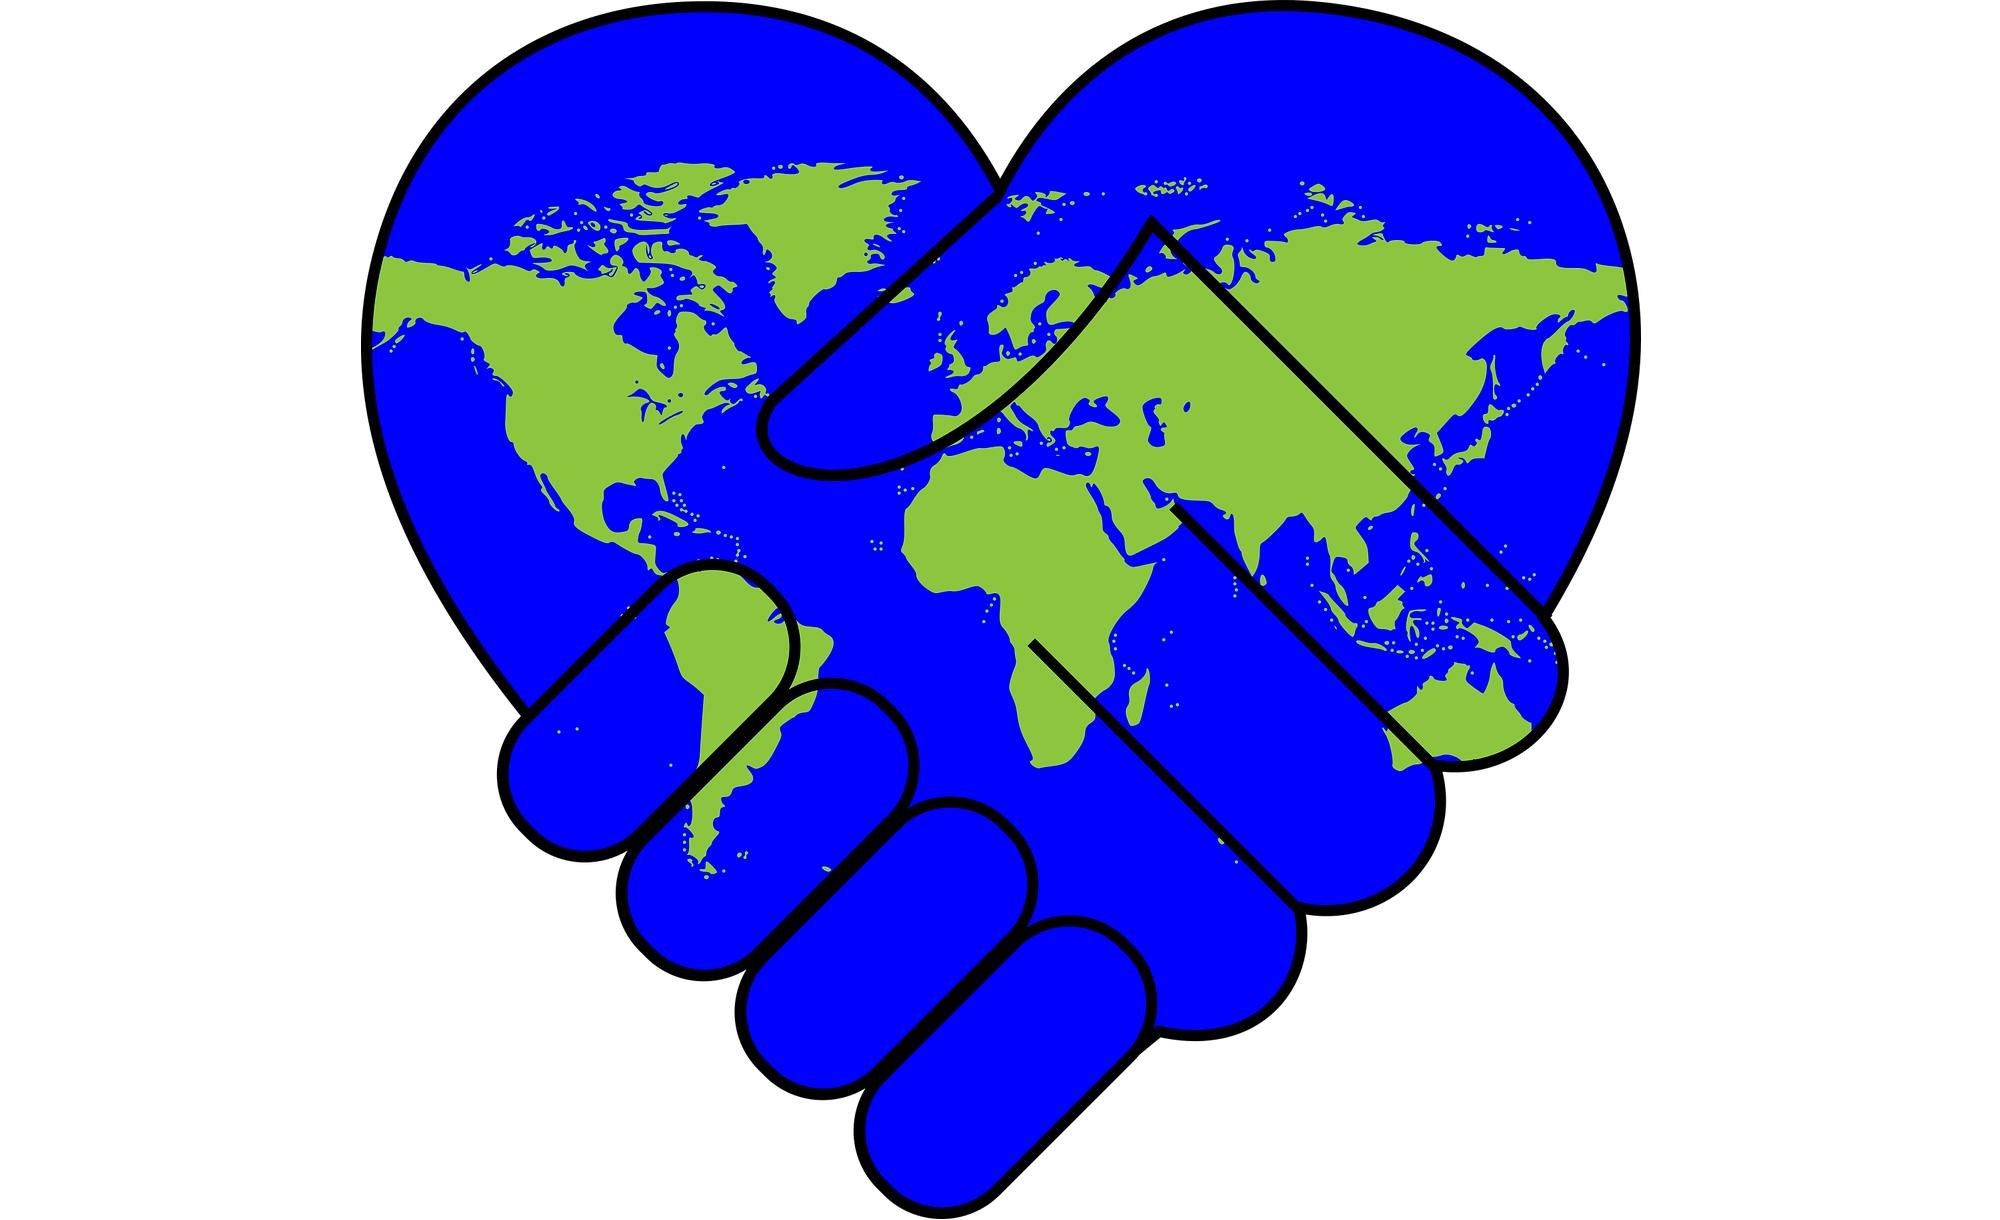 Pixabay/Gordon Johnson: Pavel Baran: Měli bychom více podpořit komplexní výzkum zaměřený na hrozby s celospolečenským dopadem